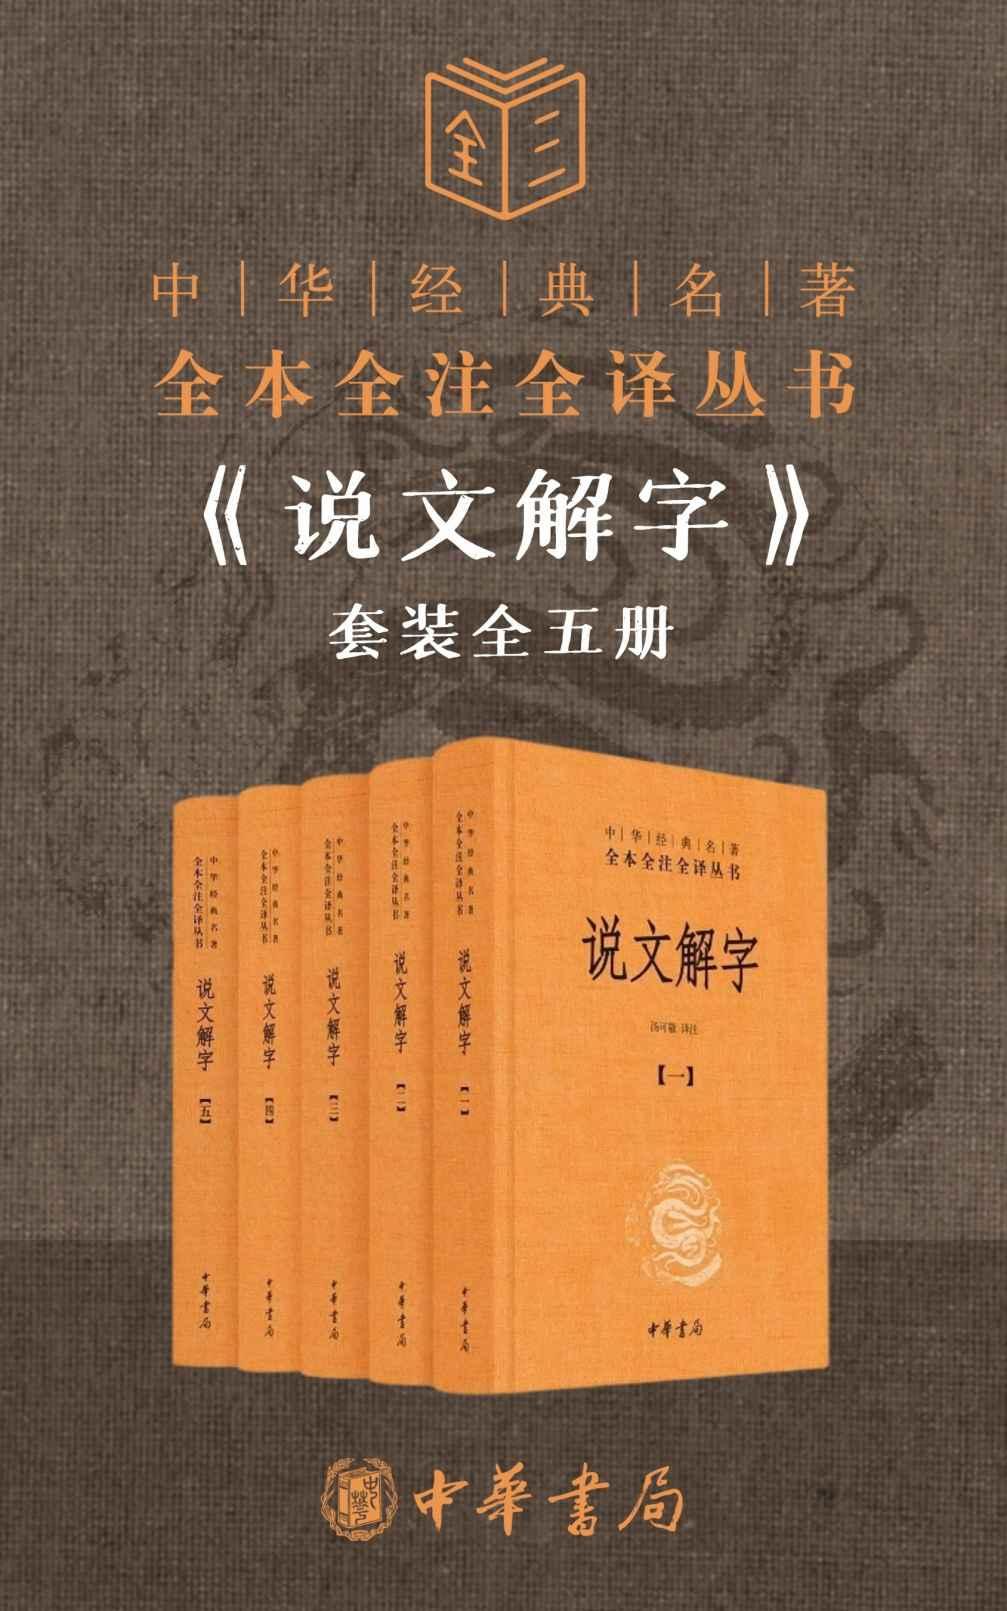 说文解字套装全五册—许慎 & 汤可敬—pdf+mobi+epub+txt+azw3电子书下载